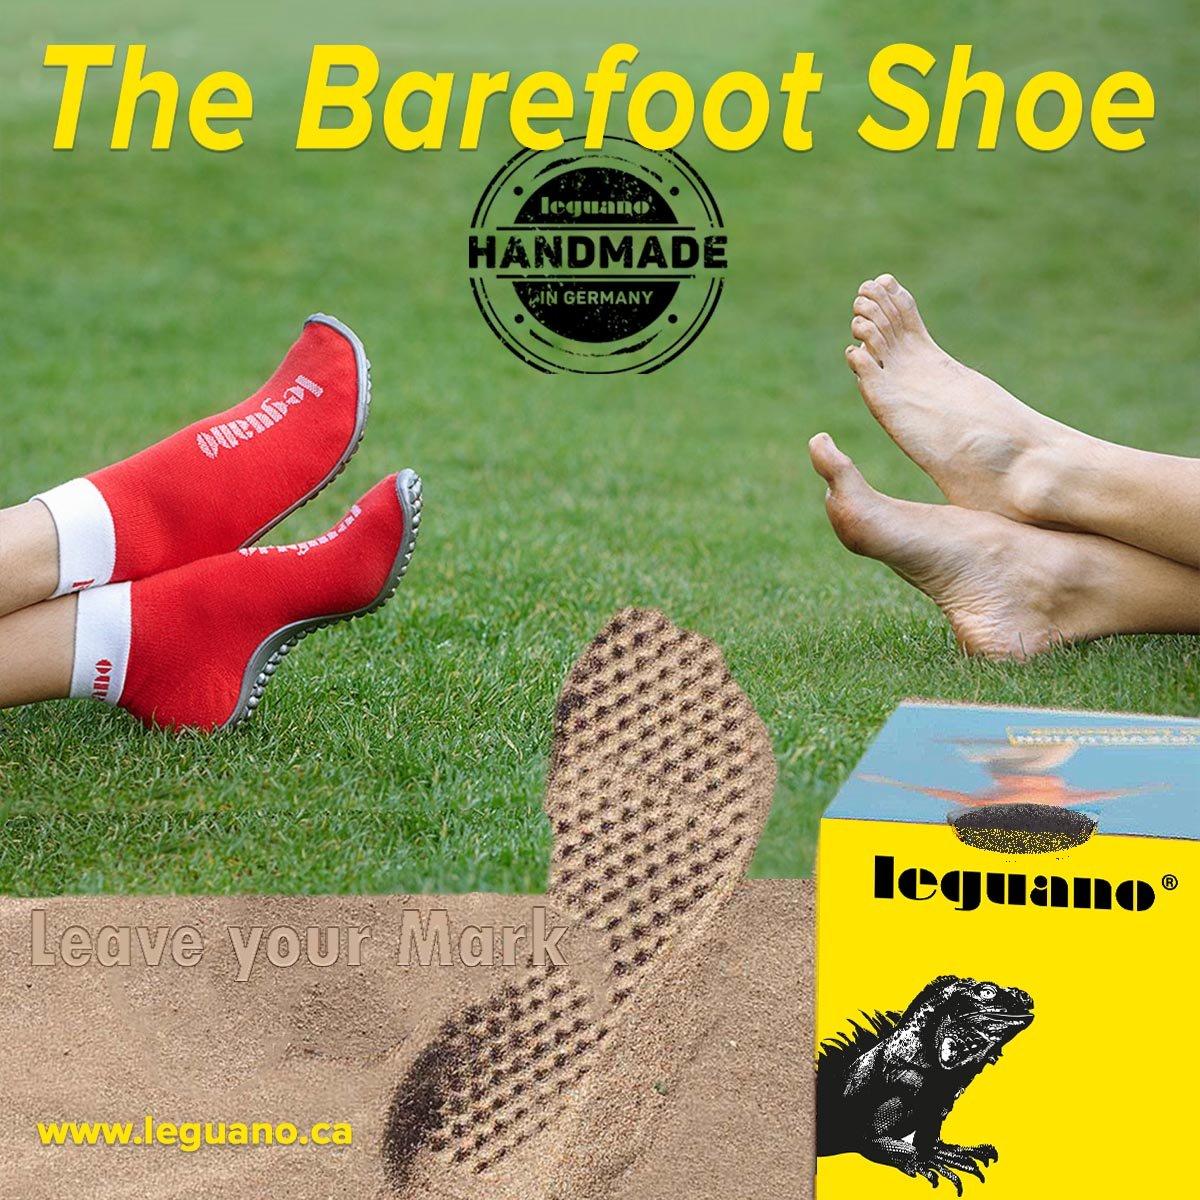 black leguano Primera barefoot shoes the barefoot socks for children women and men